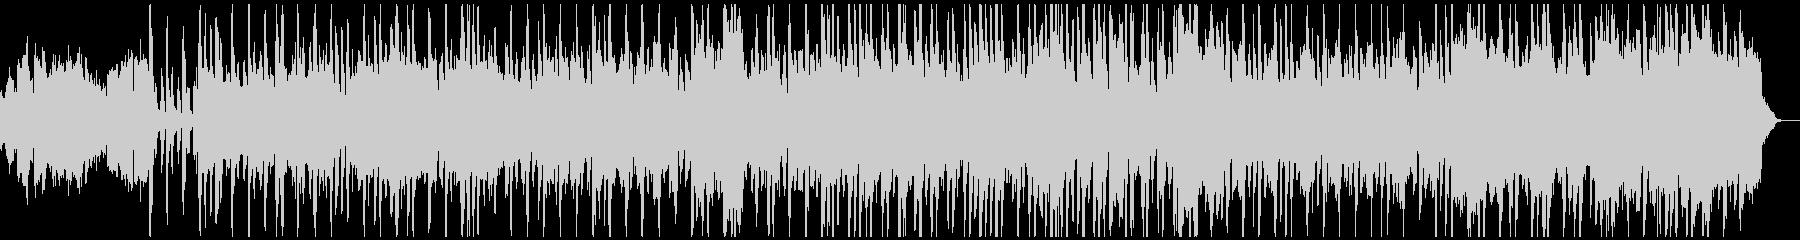 アコーディオンとフルートの朗らかなBGMの未再生の波形